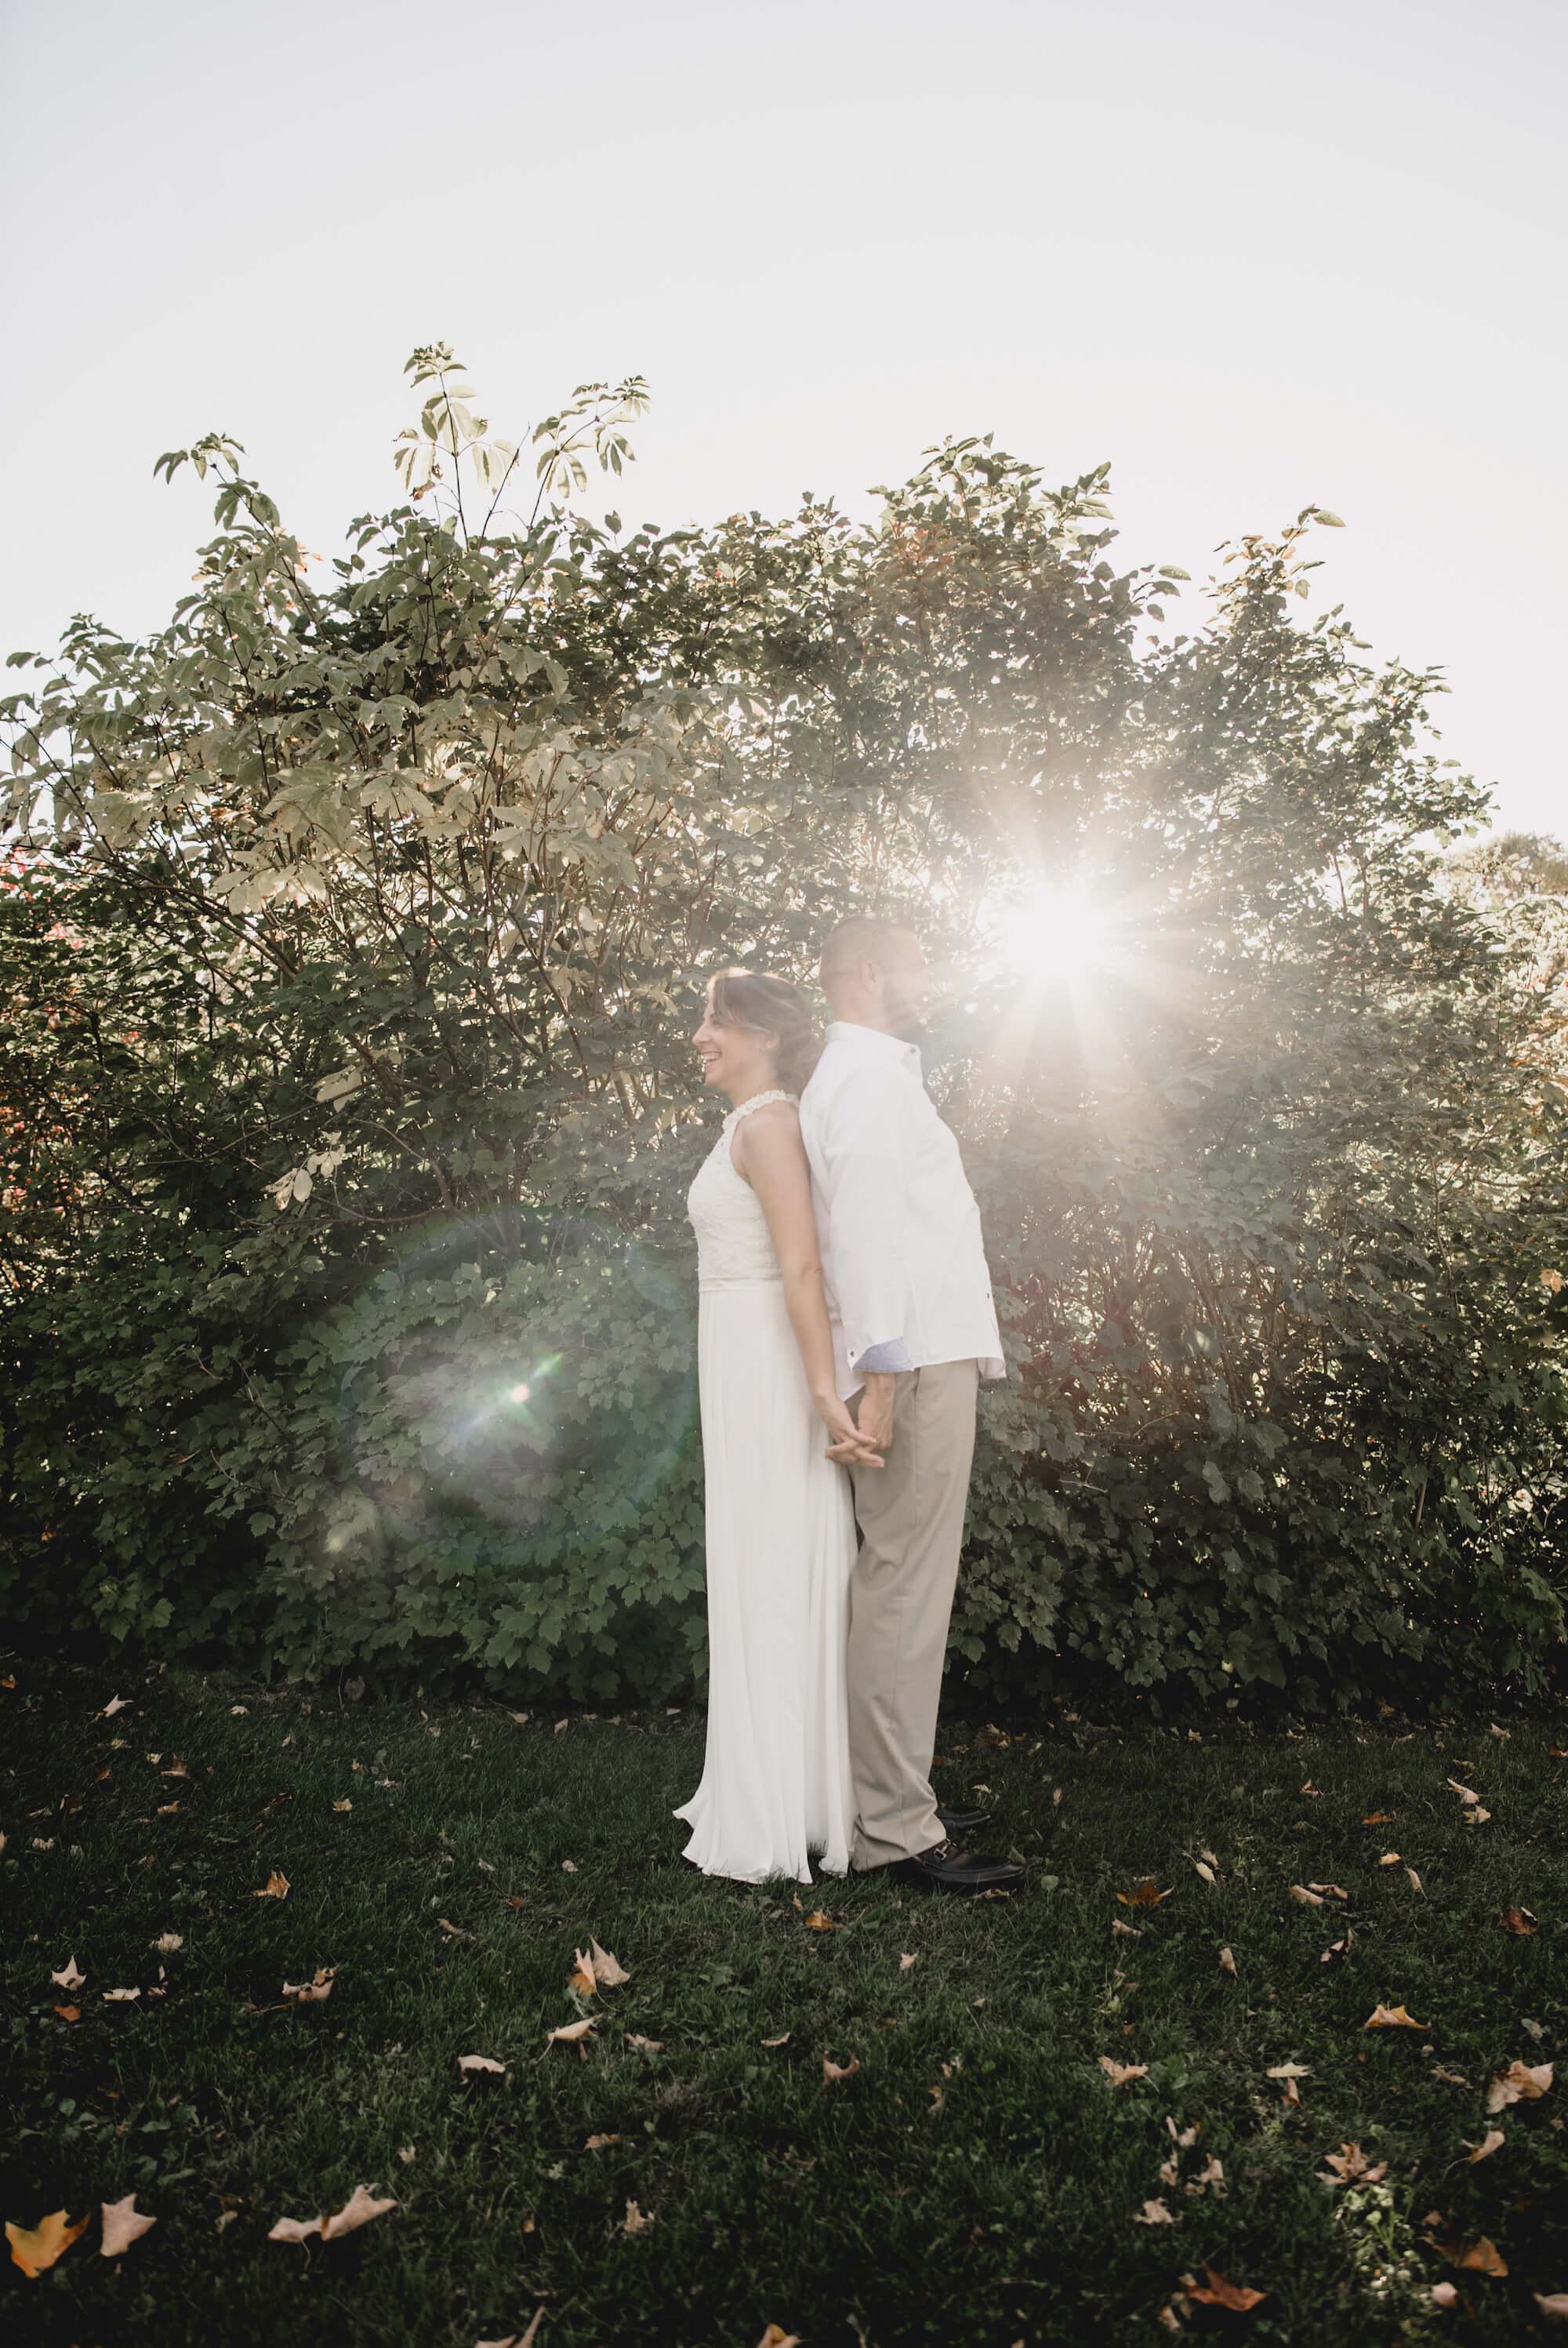 engle-olson-tammy-marc-wedding-28.jpg